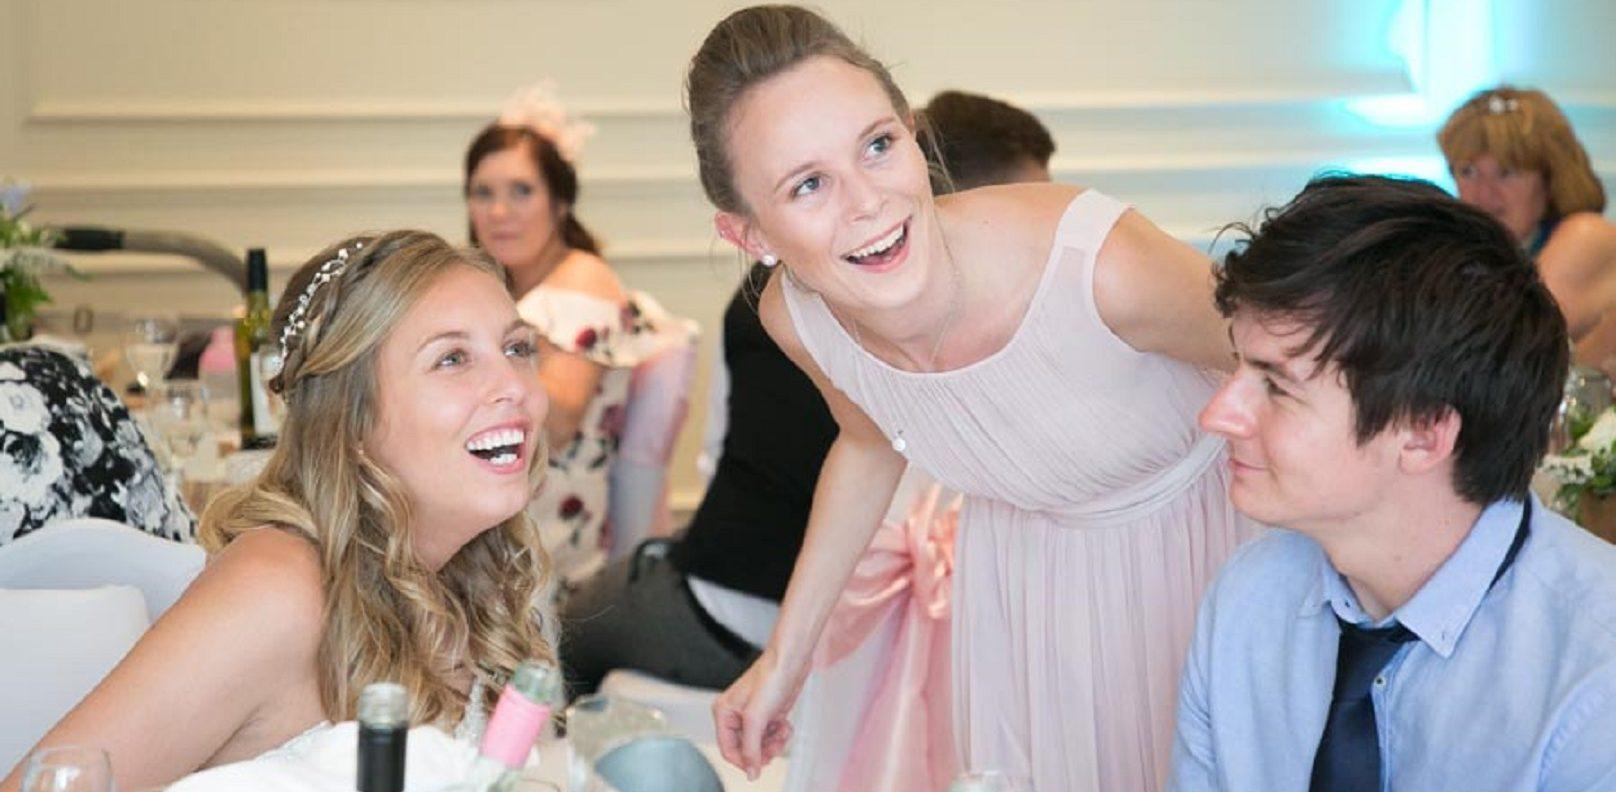 Wedding guests with bride